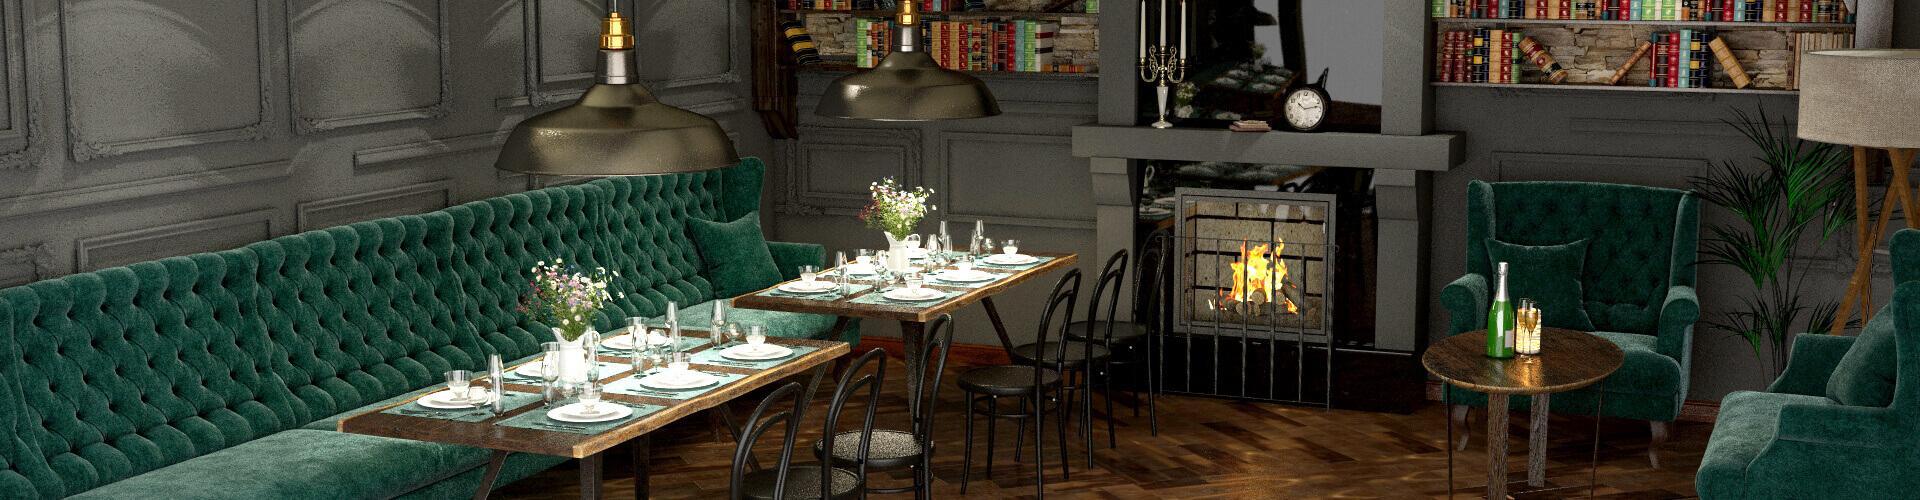 Дизайн интерьера ресторана, кафе – залог множества клиентов и большой прибыли © AbiStyle Дизайн студия в Киеве